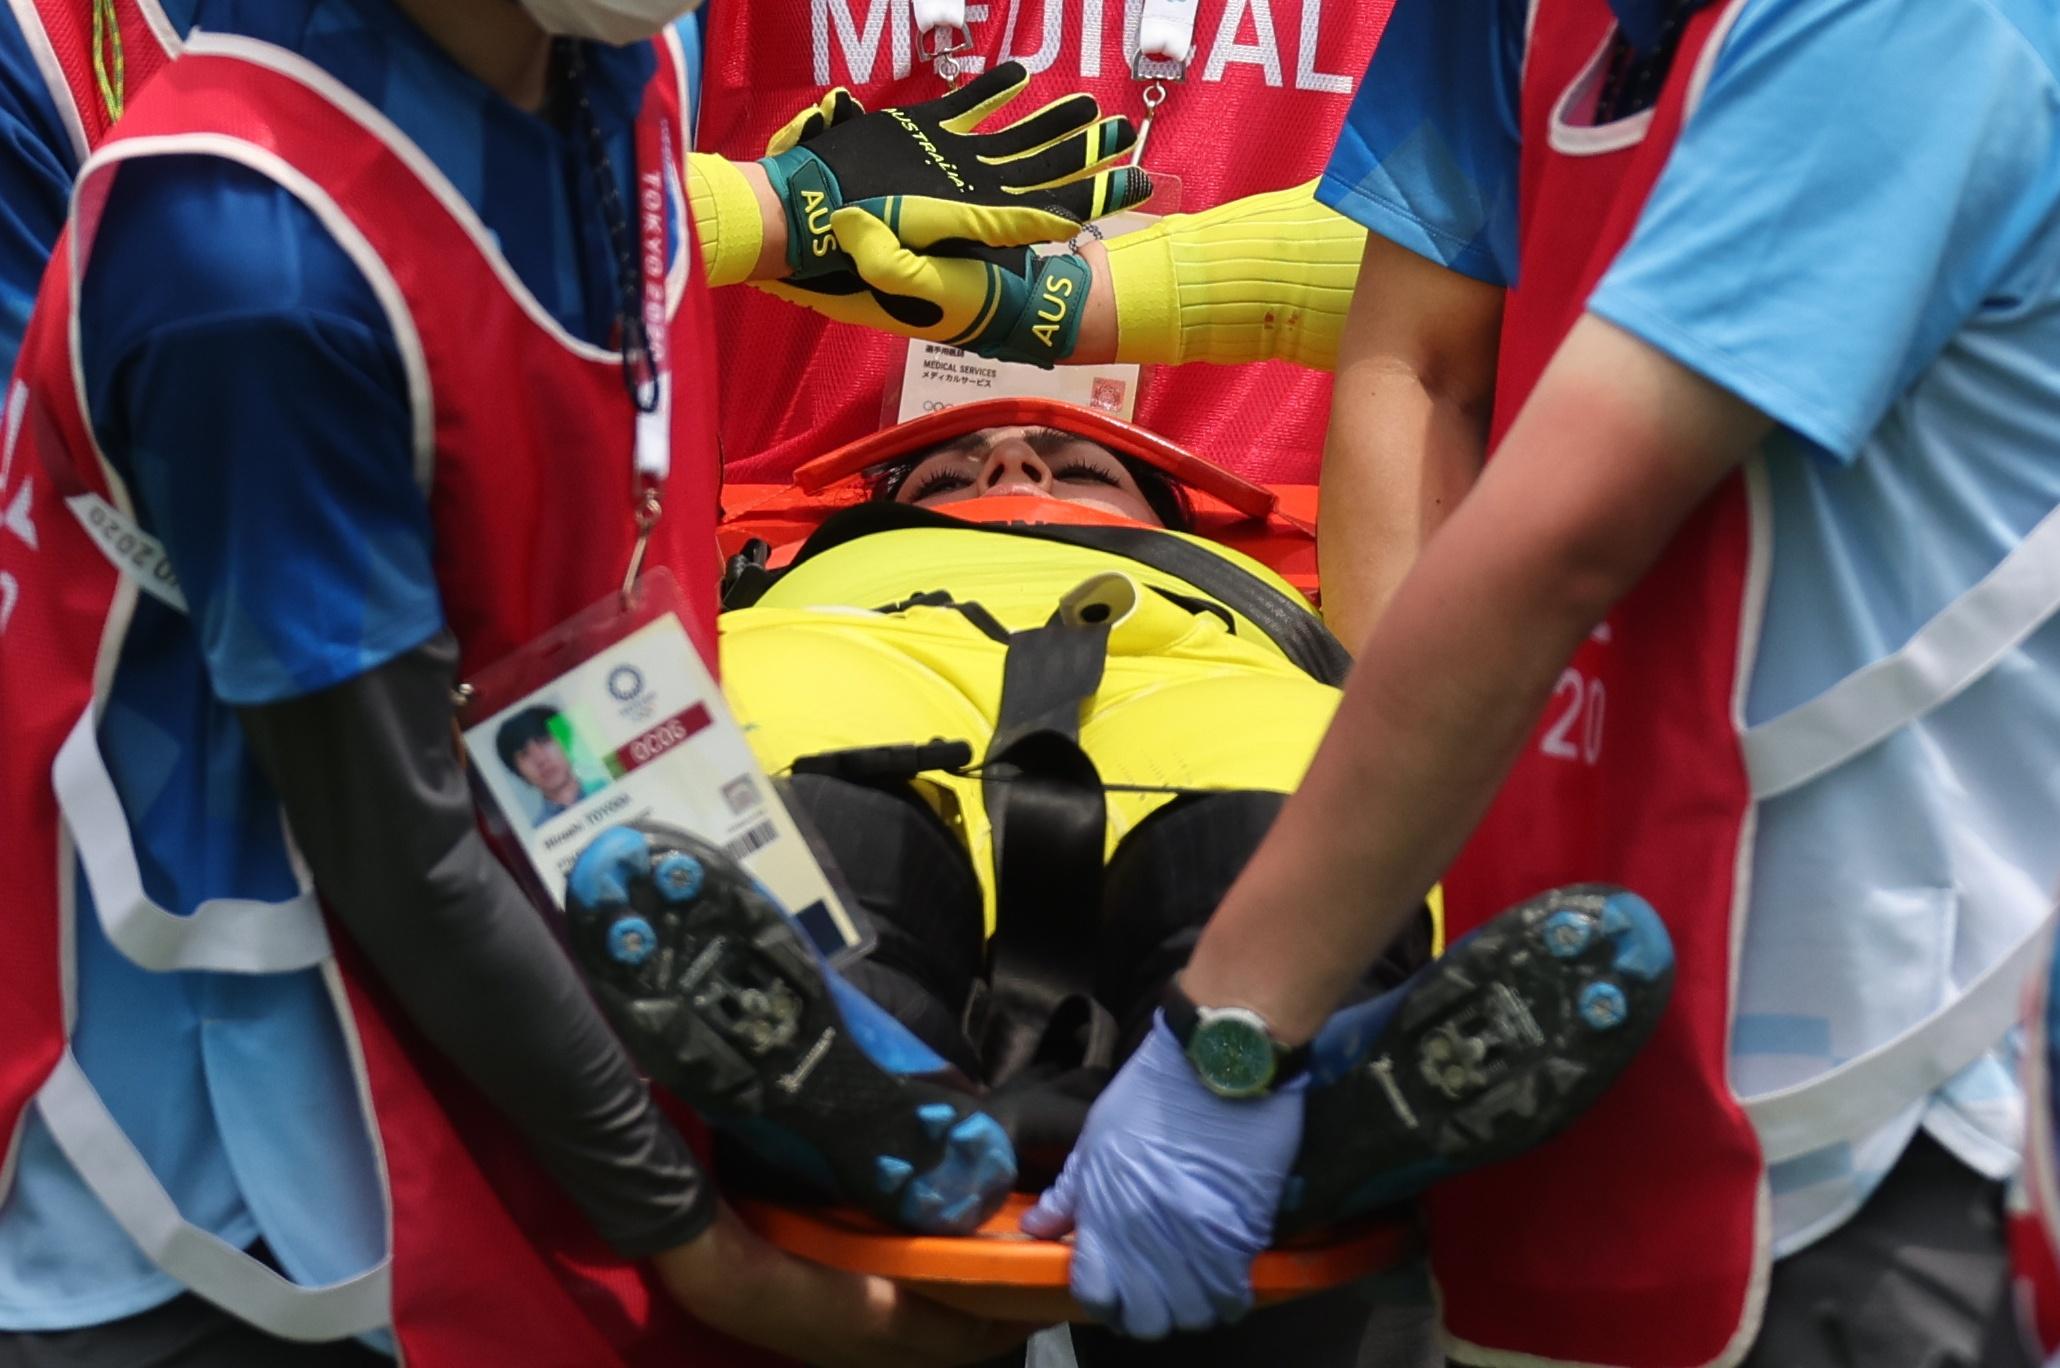 Saya Sakakibara of Australia receives medical attention during the BMX individual semifinal on July 30.